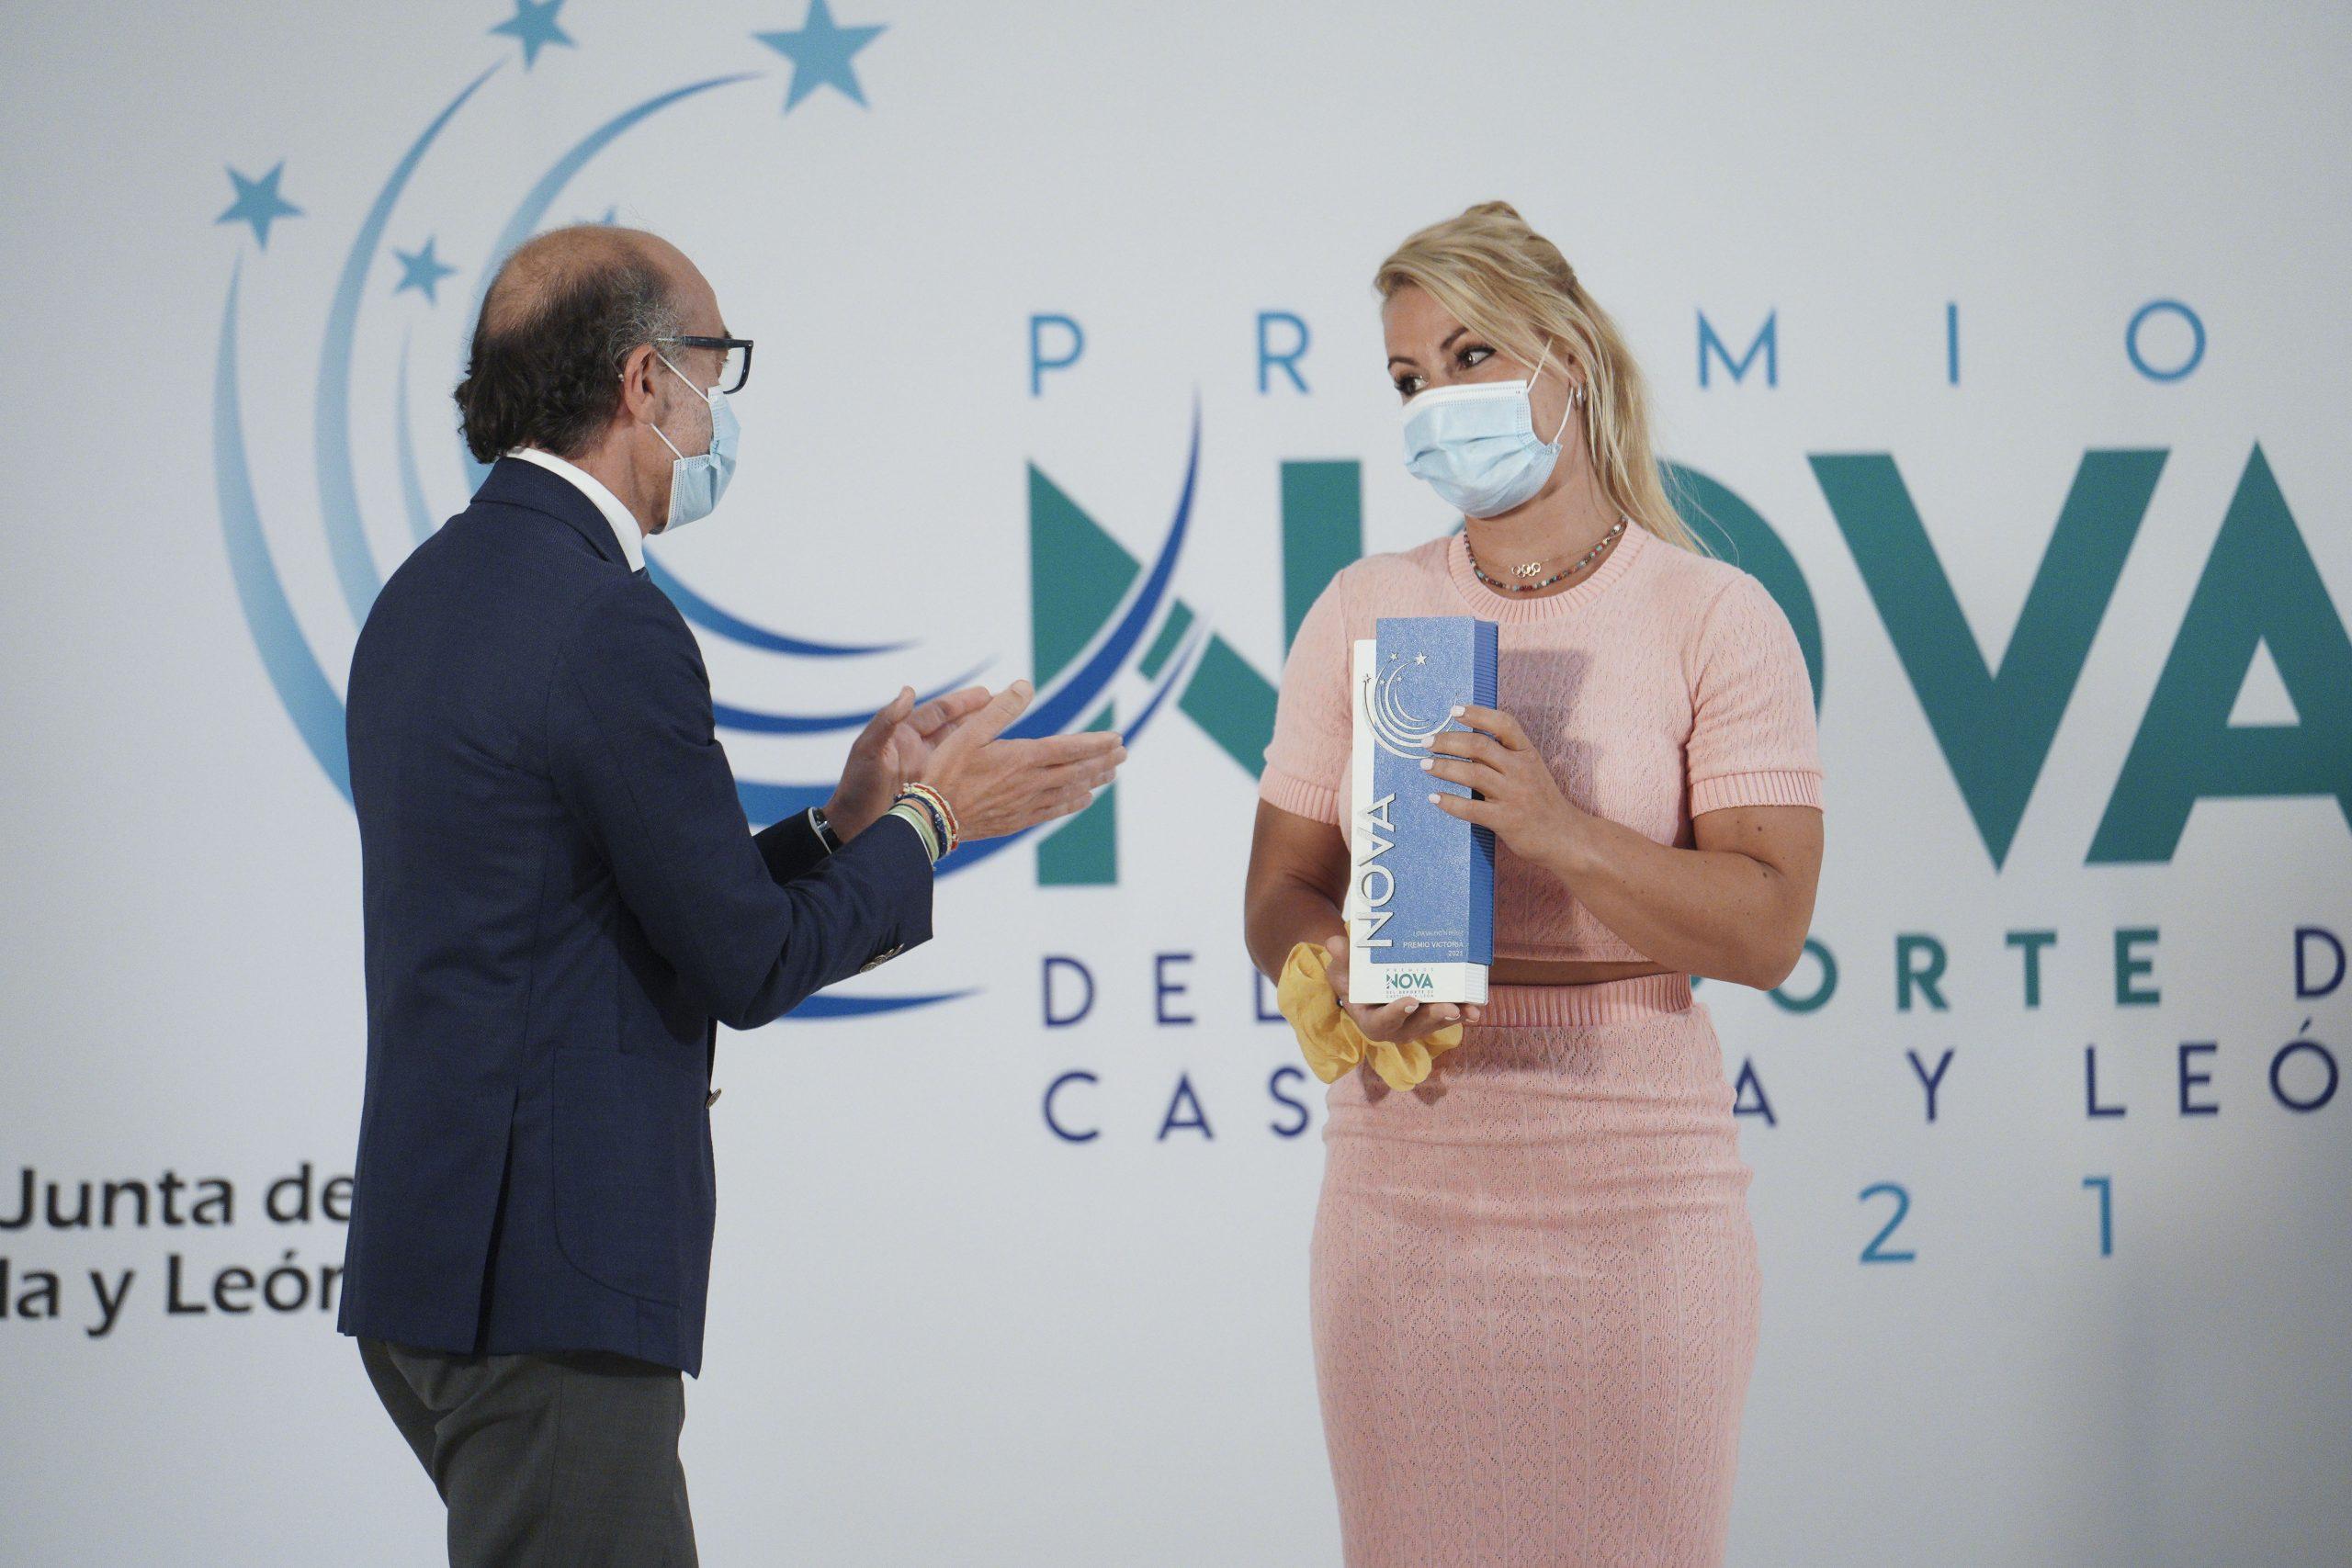 Lydia Valentín recibe el premio Victoria a la mejor deportista de Castilla y León 1